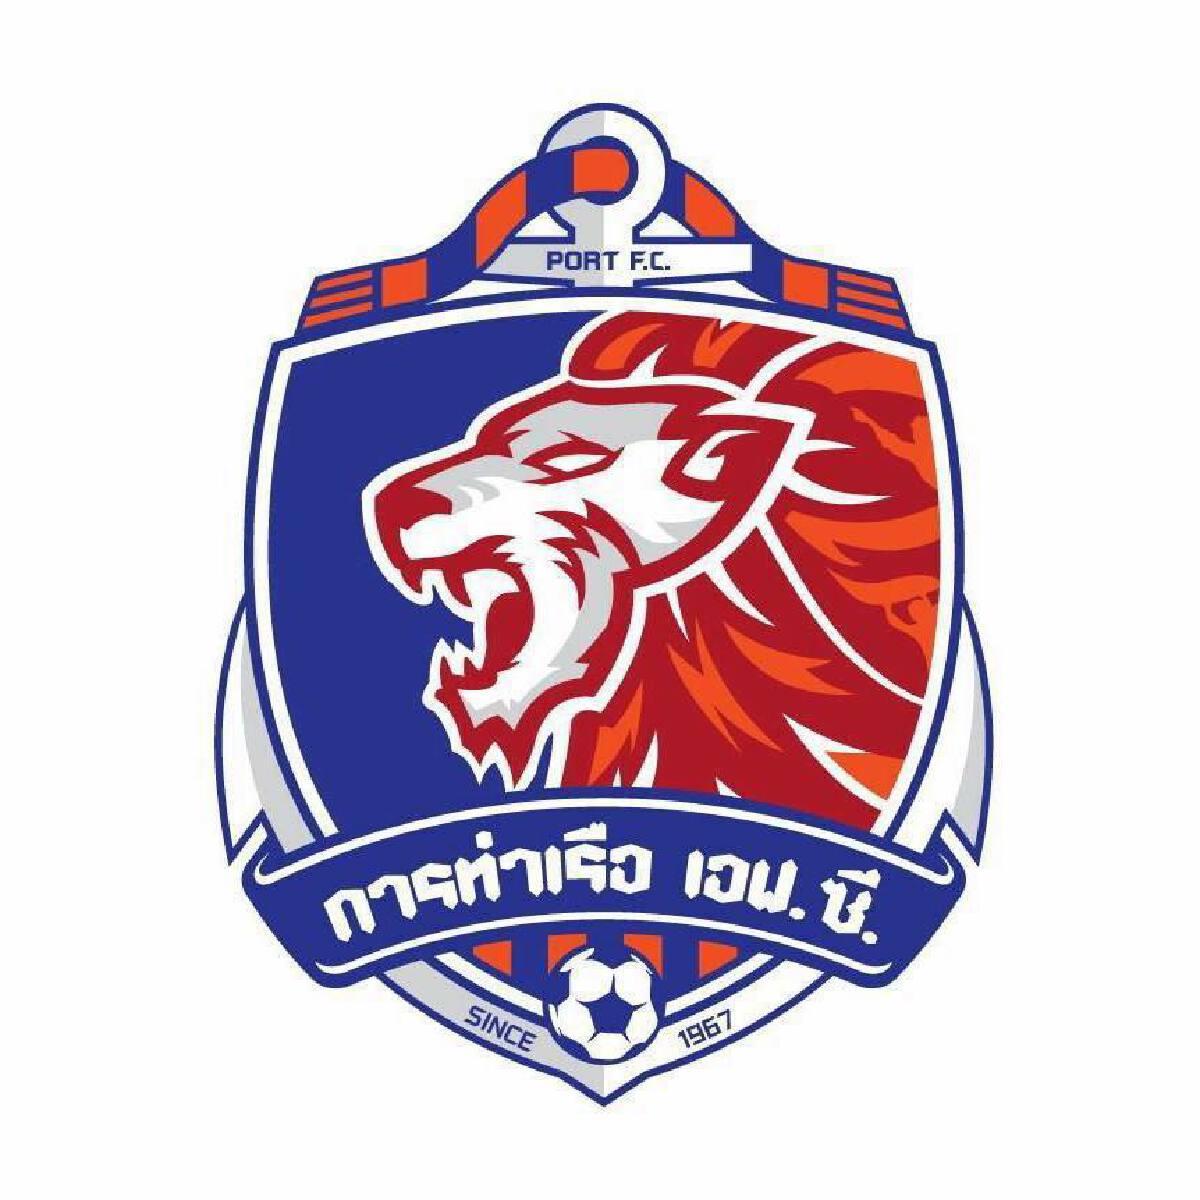 เปิดโปรเเกรม4สโมสรประเทศไทย ลุยเอเอฟซี แชมเปี้ยนส์ลีก 2021 รอบแบ่งกลุ่ม